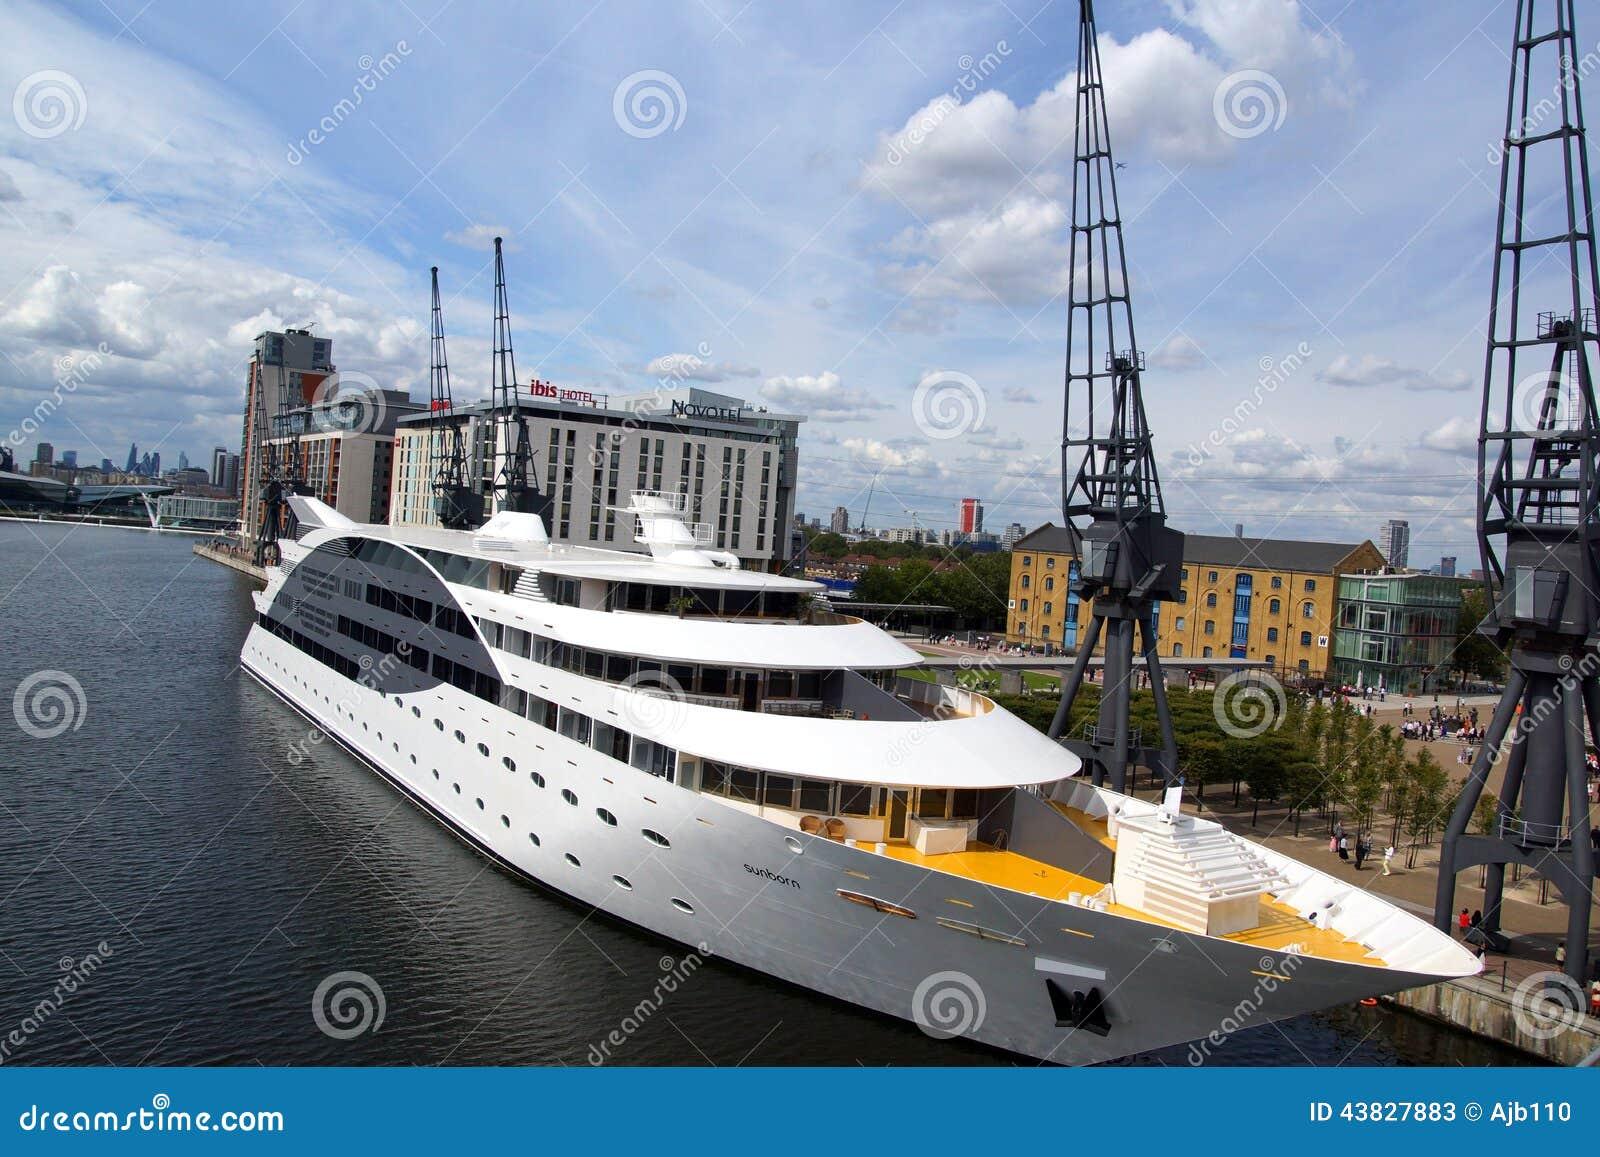 Ship Hotel London